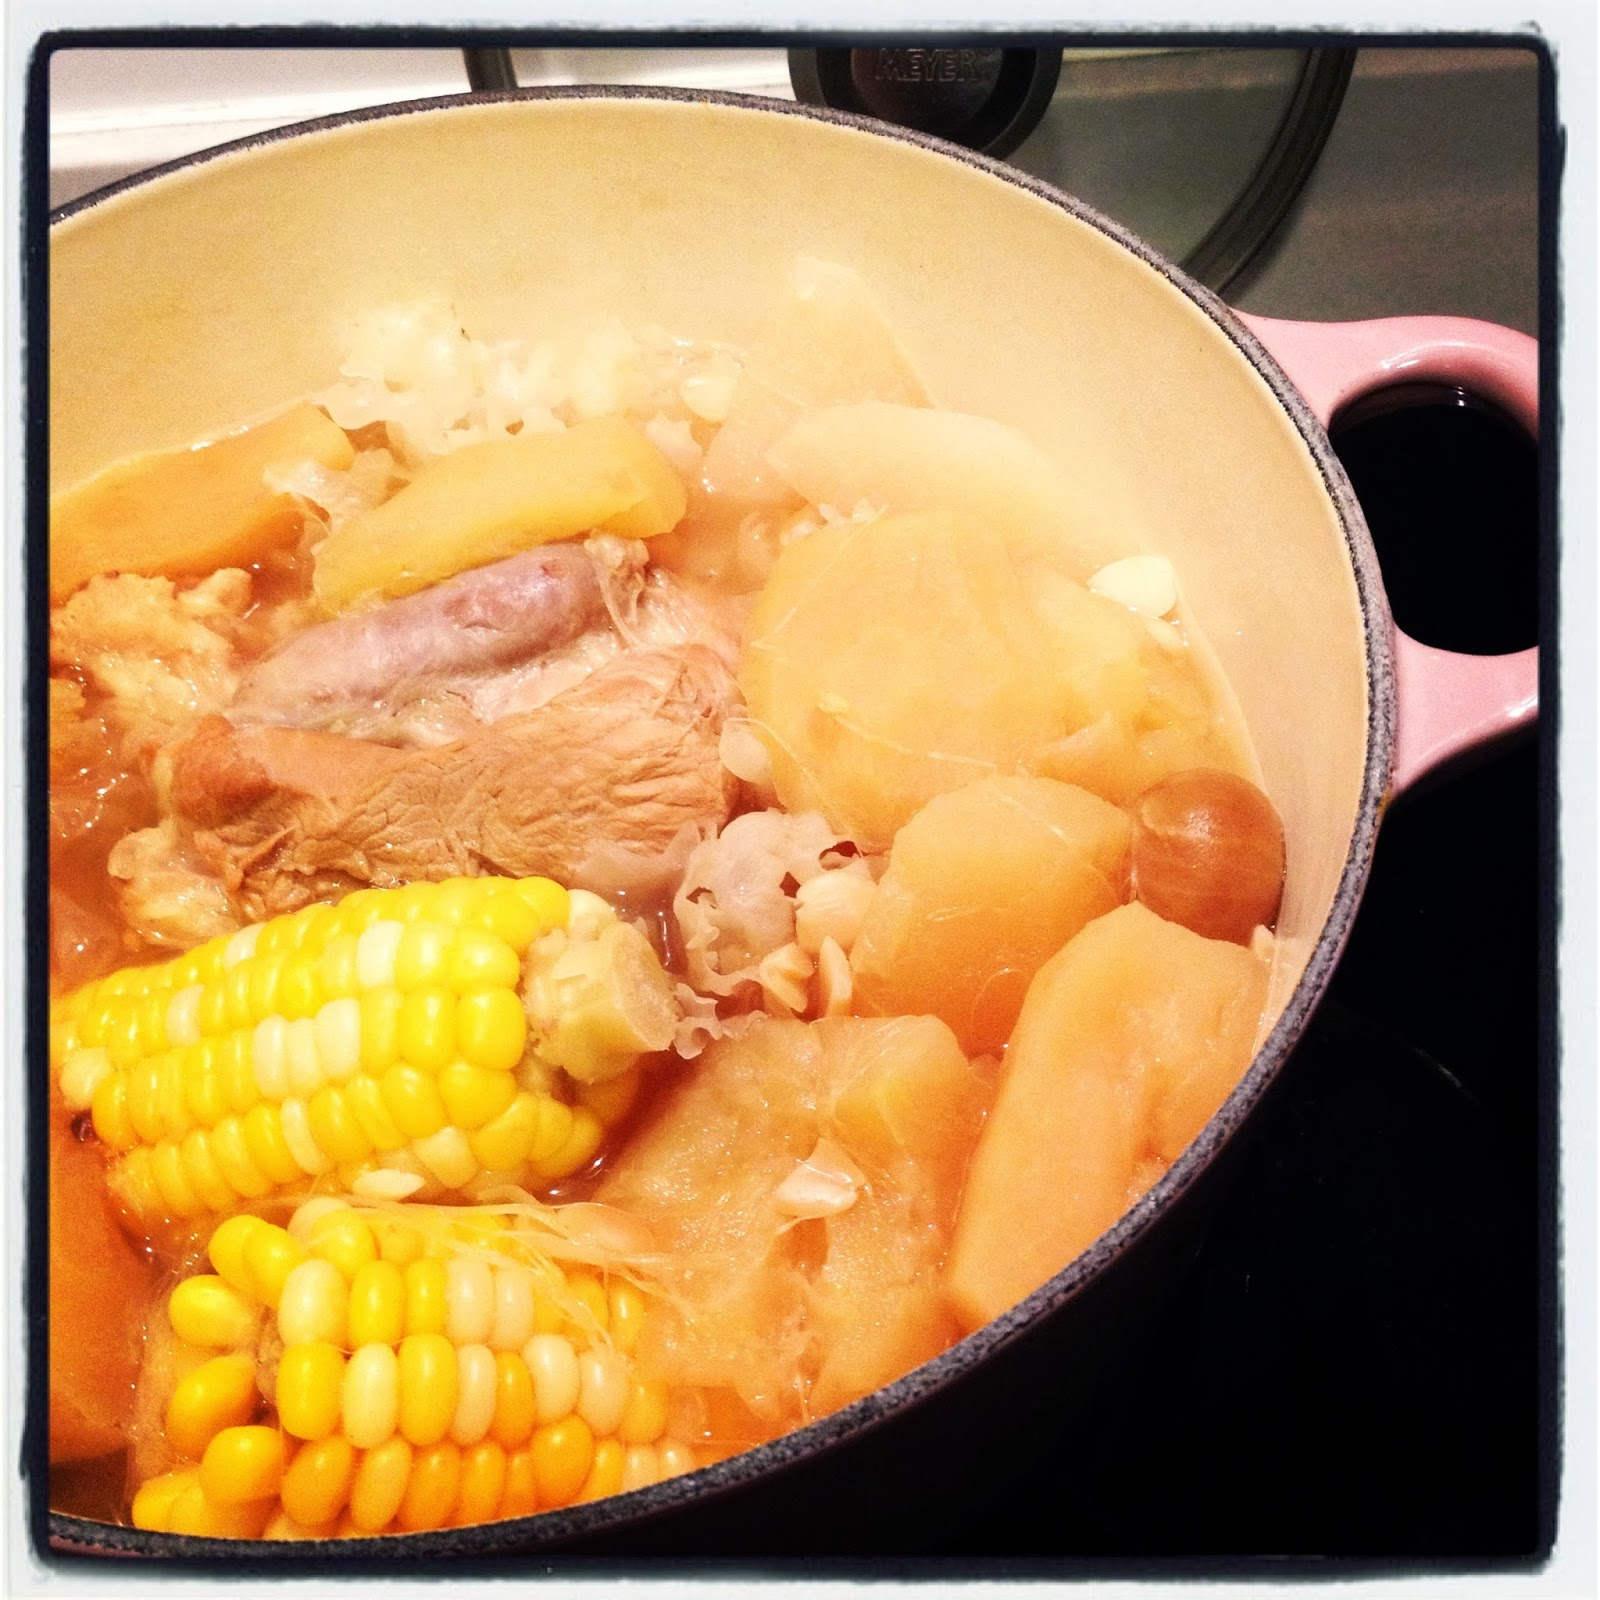 廚房筆記: 湯水- 蘋果雪梨粟米雪耳無花果湯